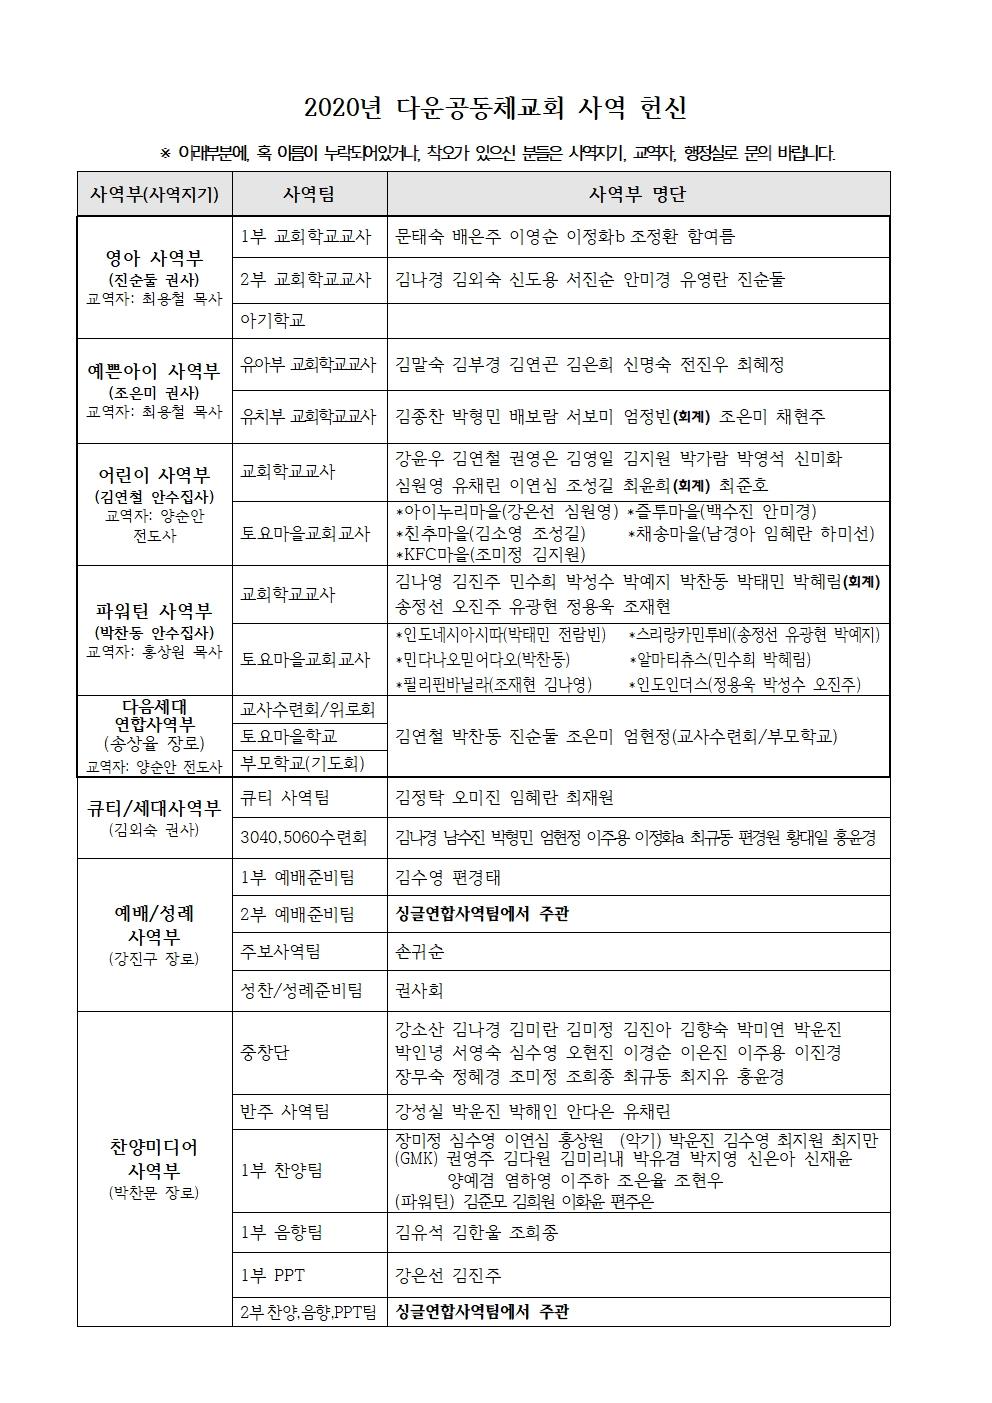 2020년_사역헌신카드(지원현황정리)(수정 중_2월1일)001.jpg